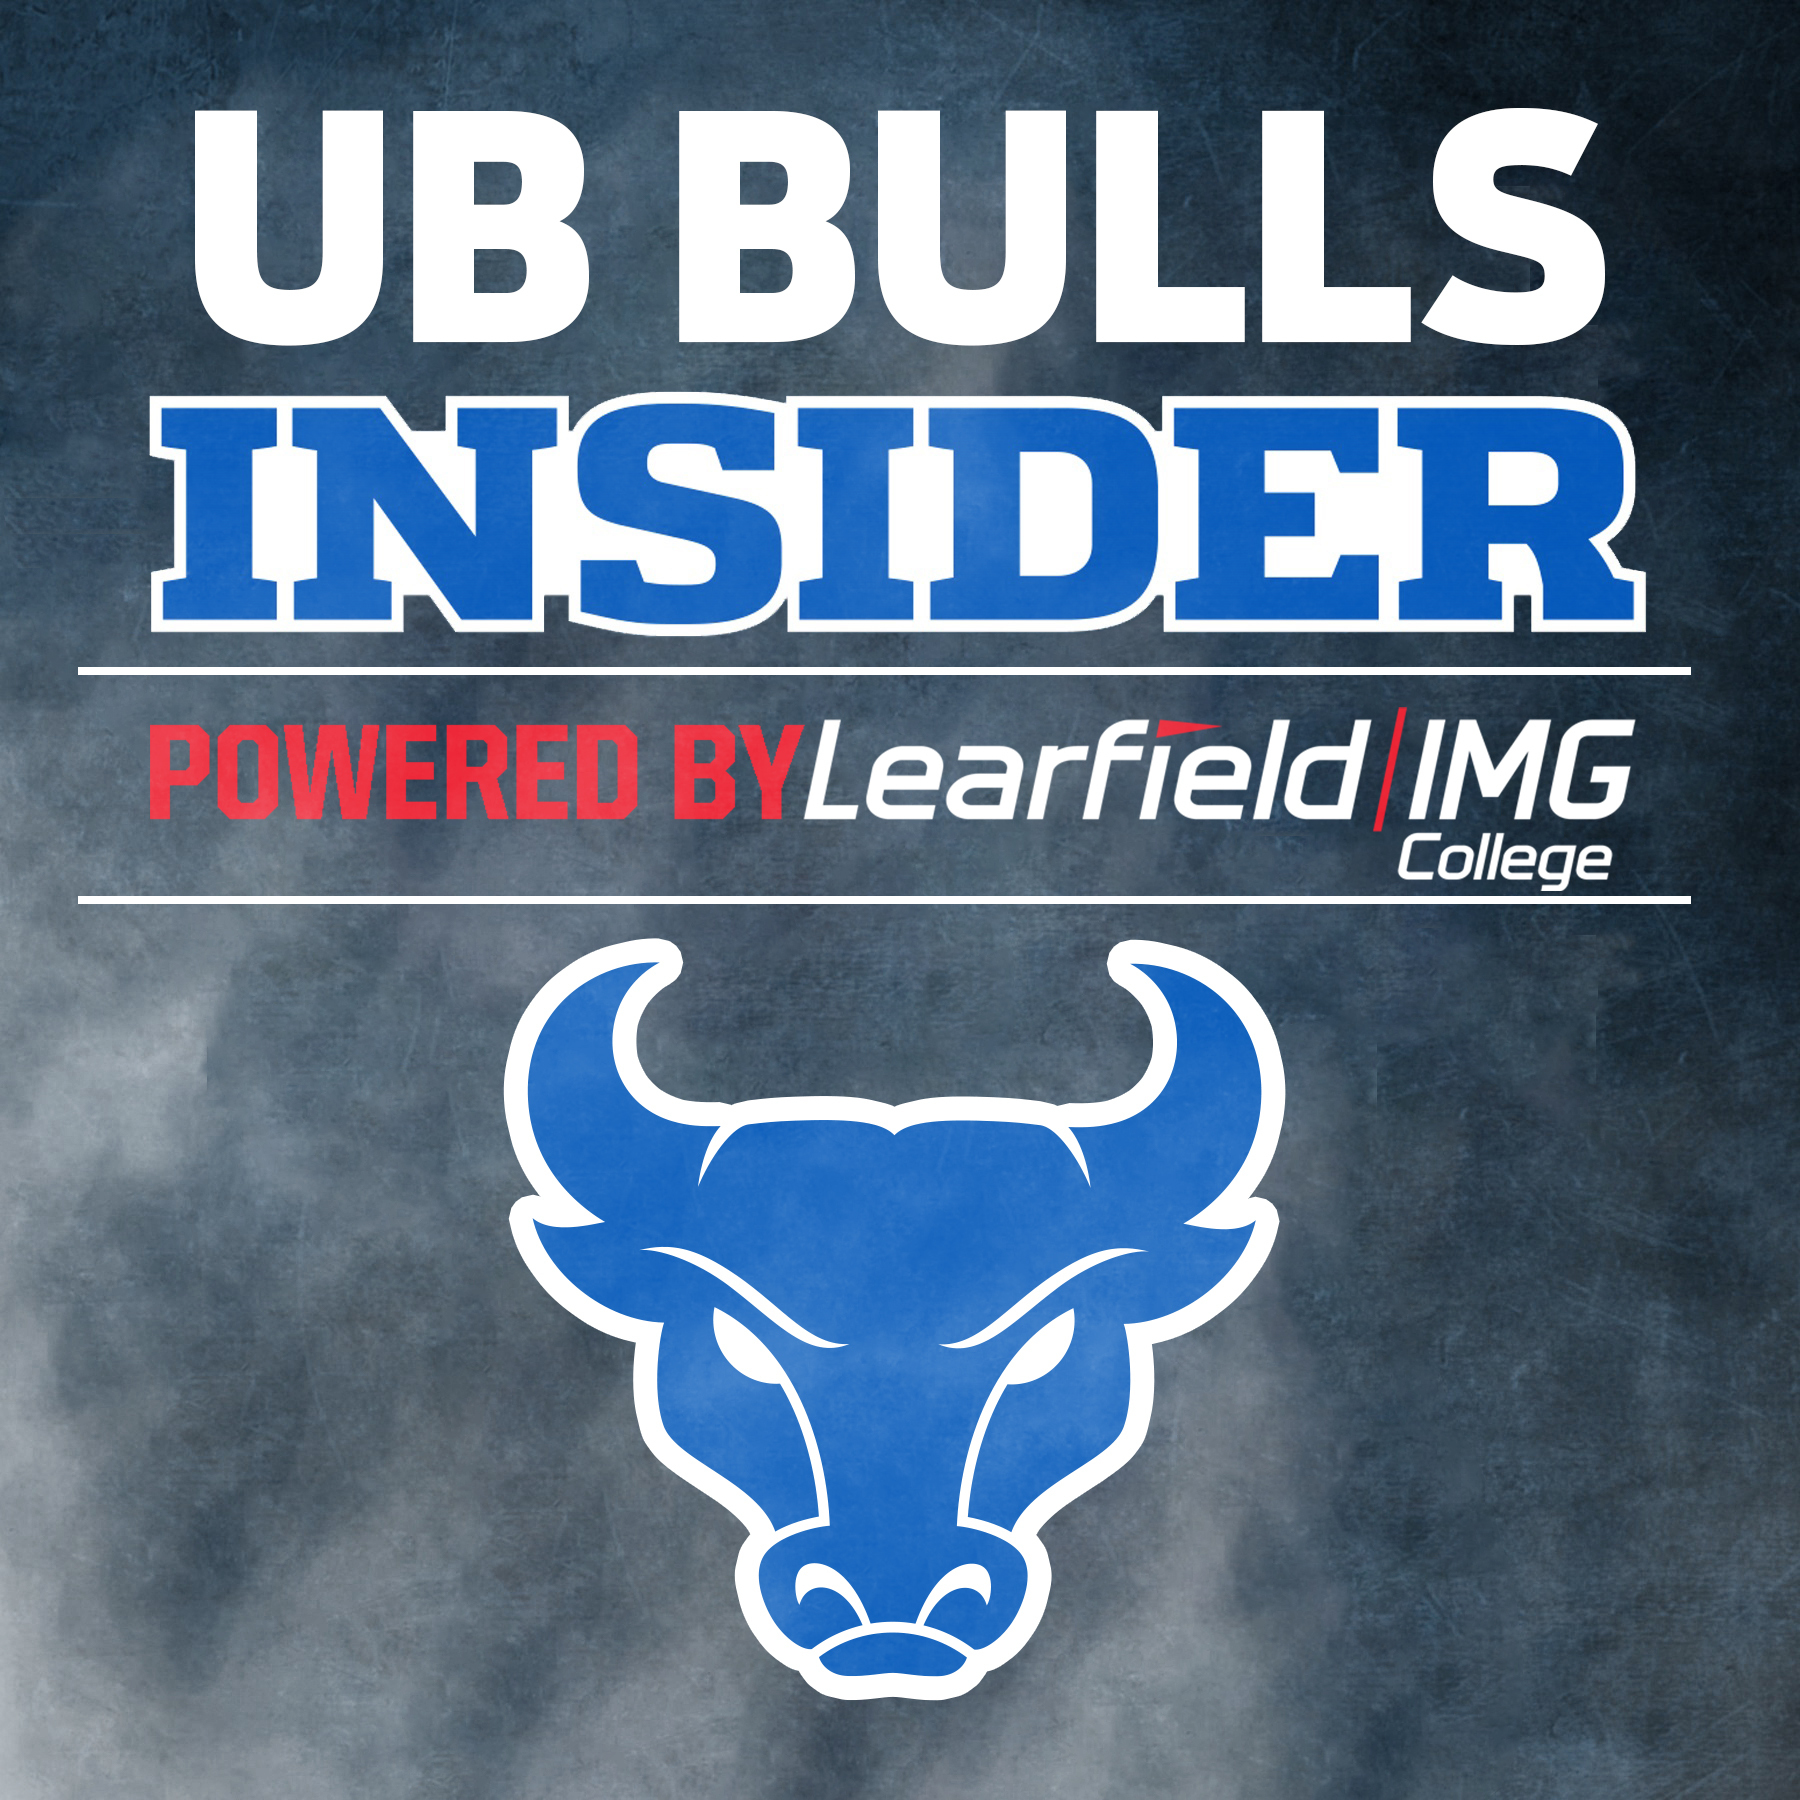 UB Bulls Insider